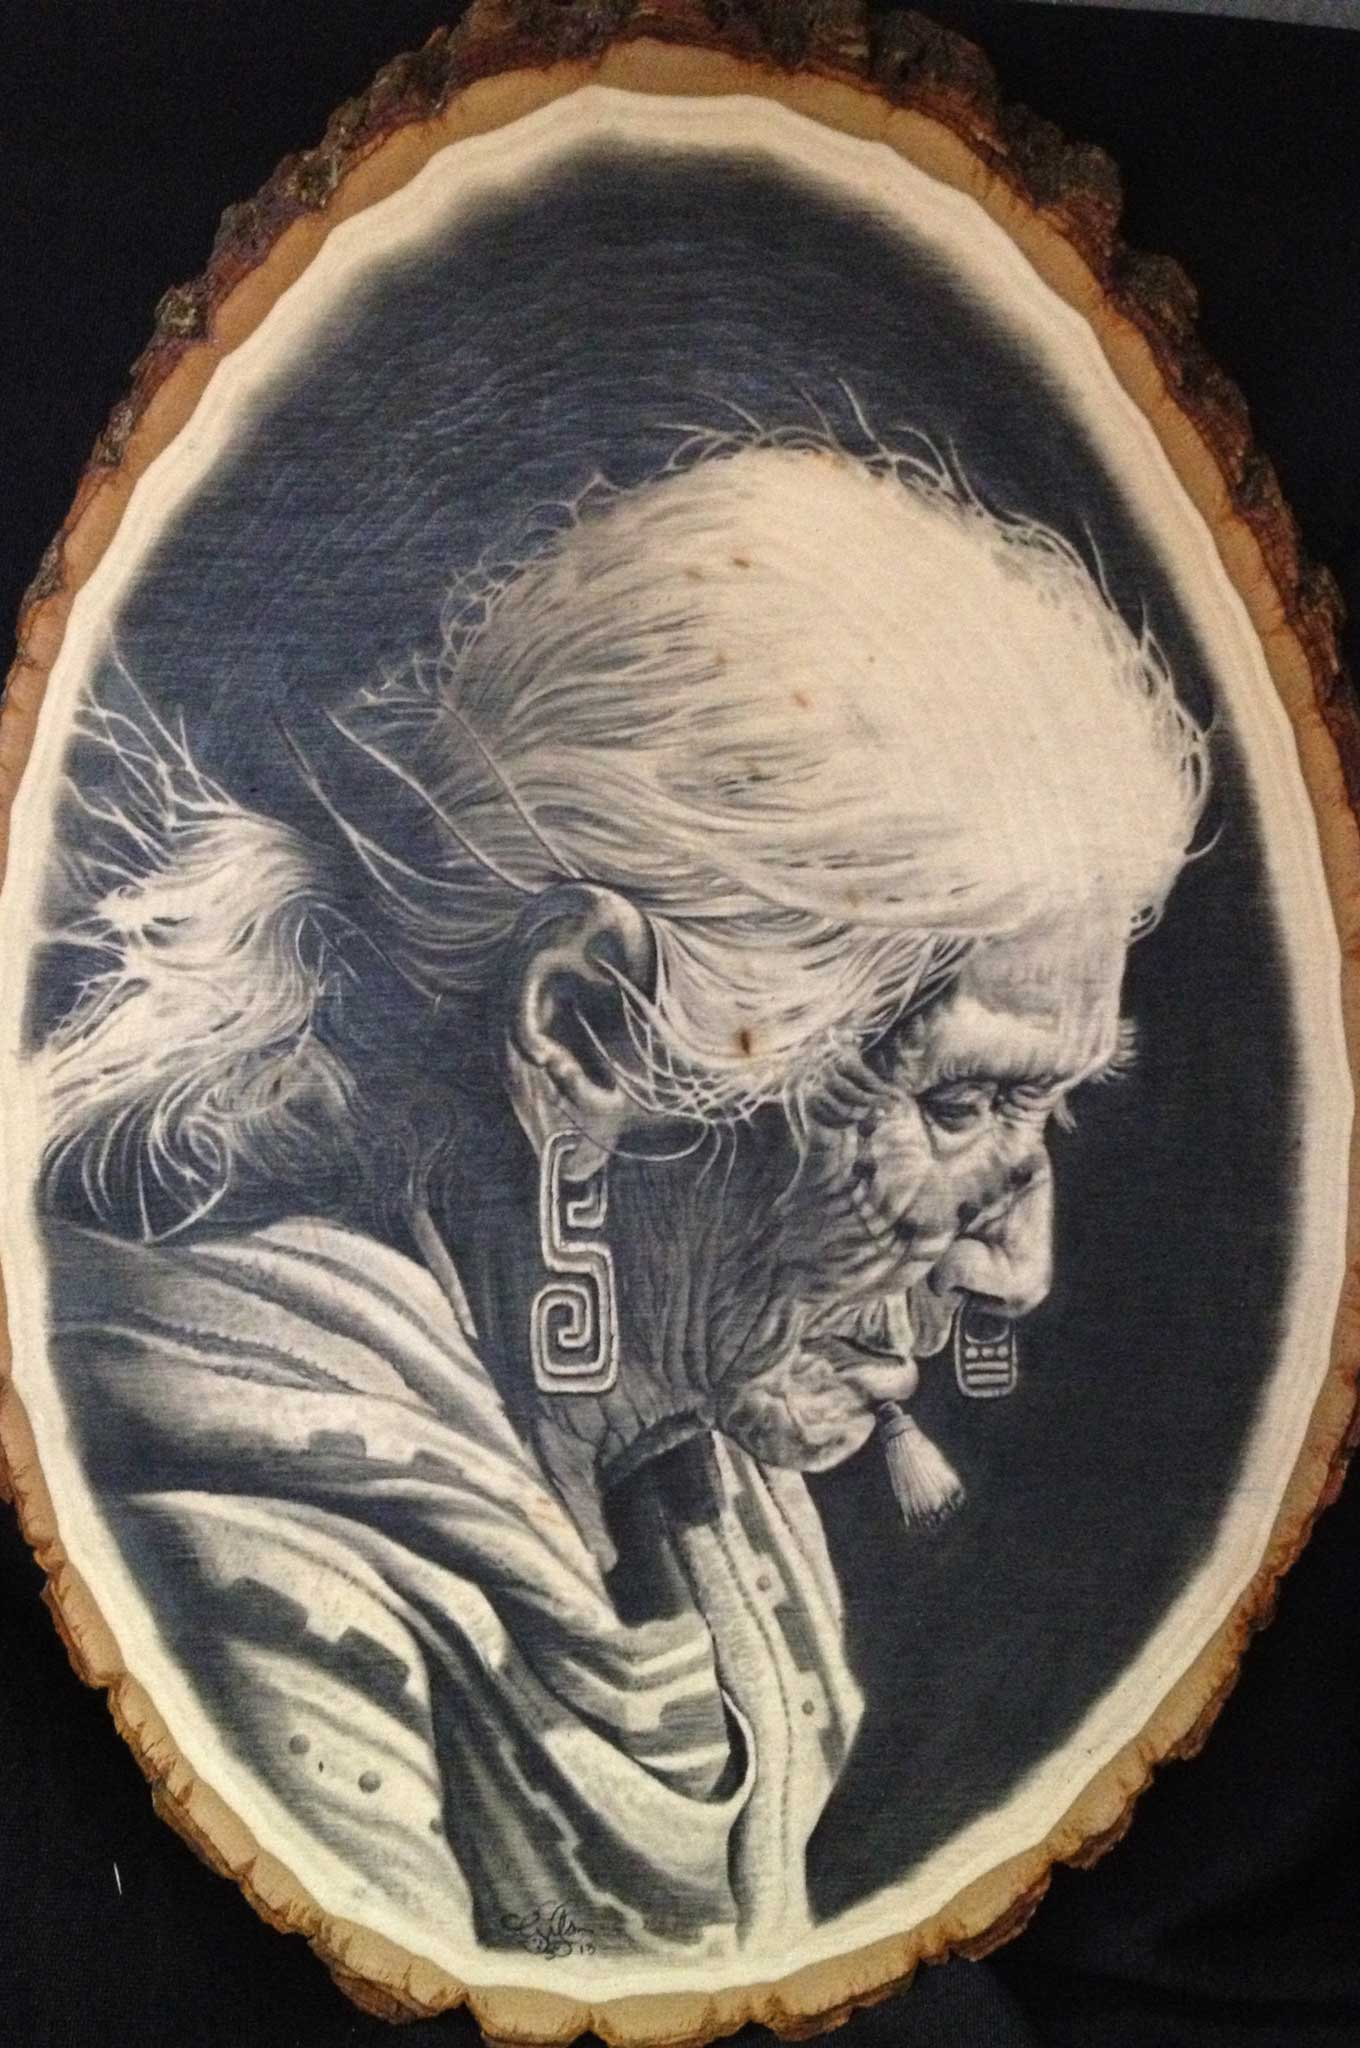 Gilbert Silas - A Tattoo Artist from Oxnard